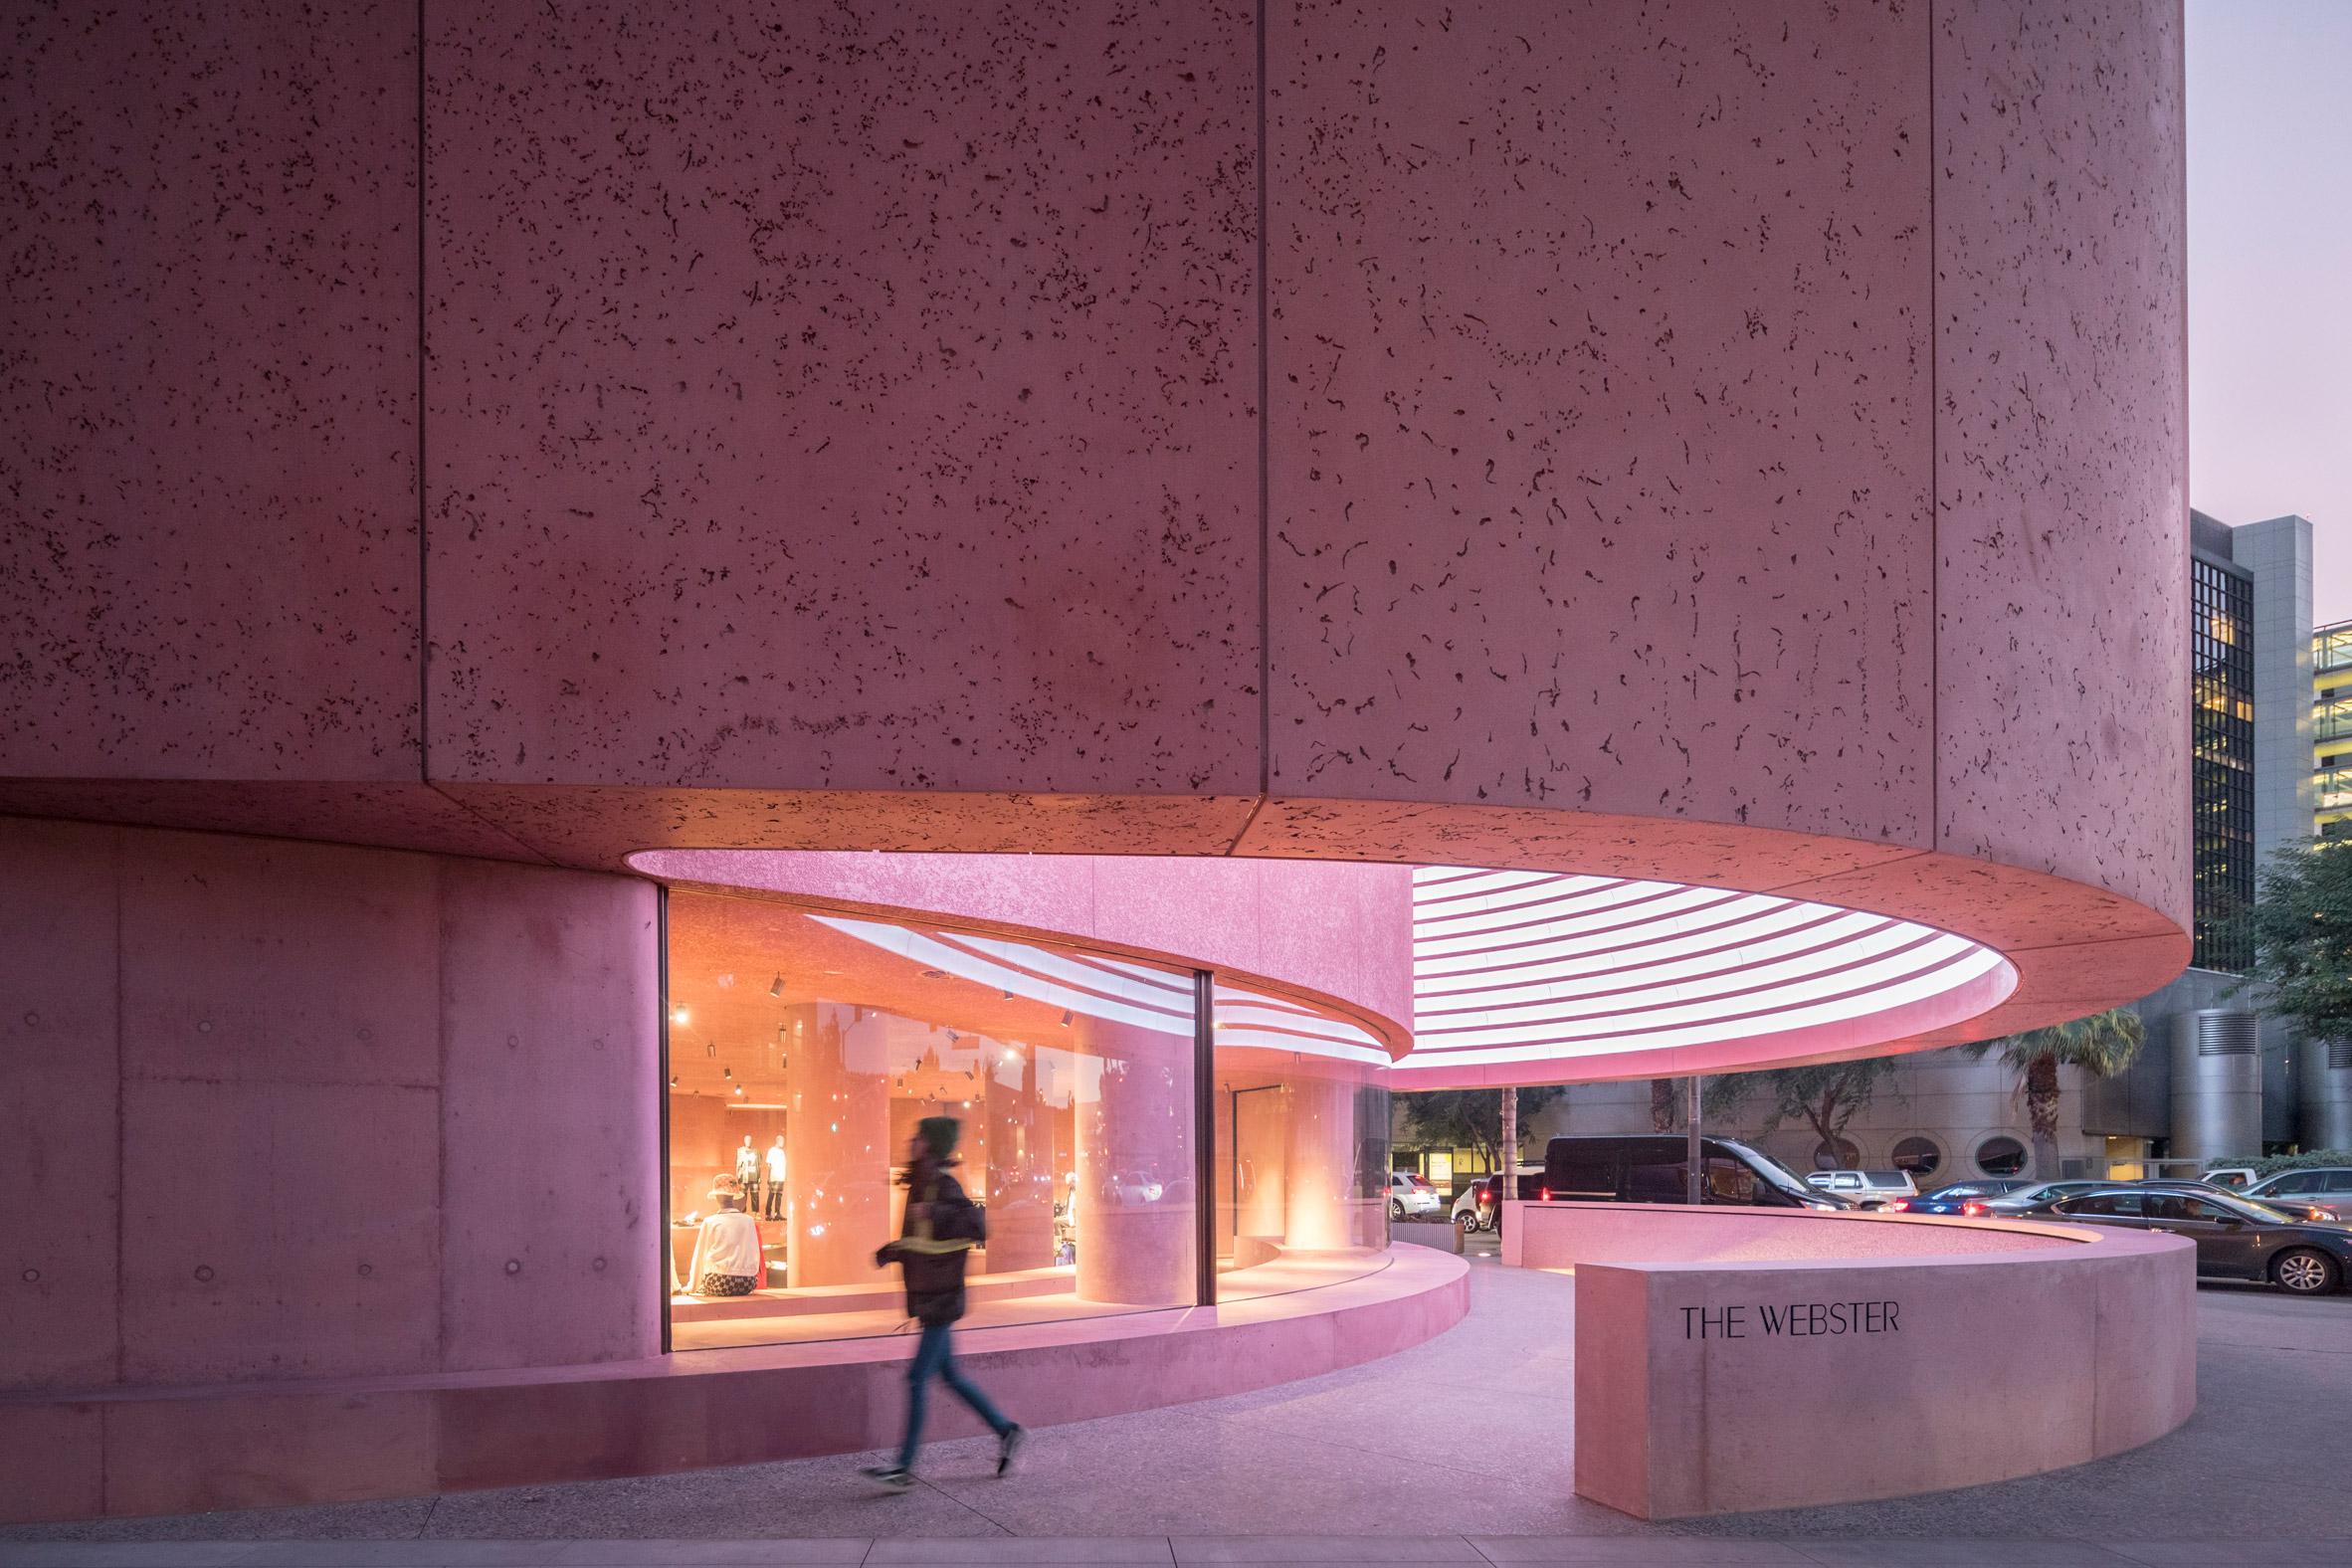 David Adjaye Pink Lighting